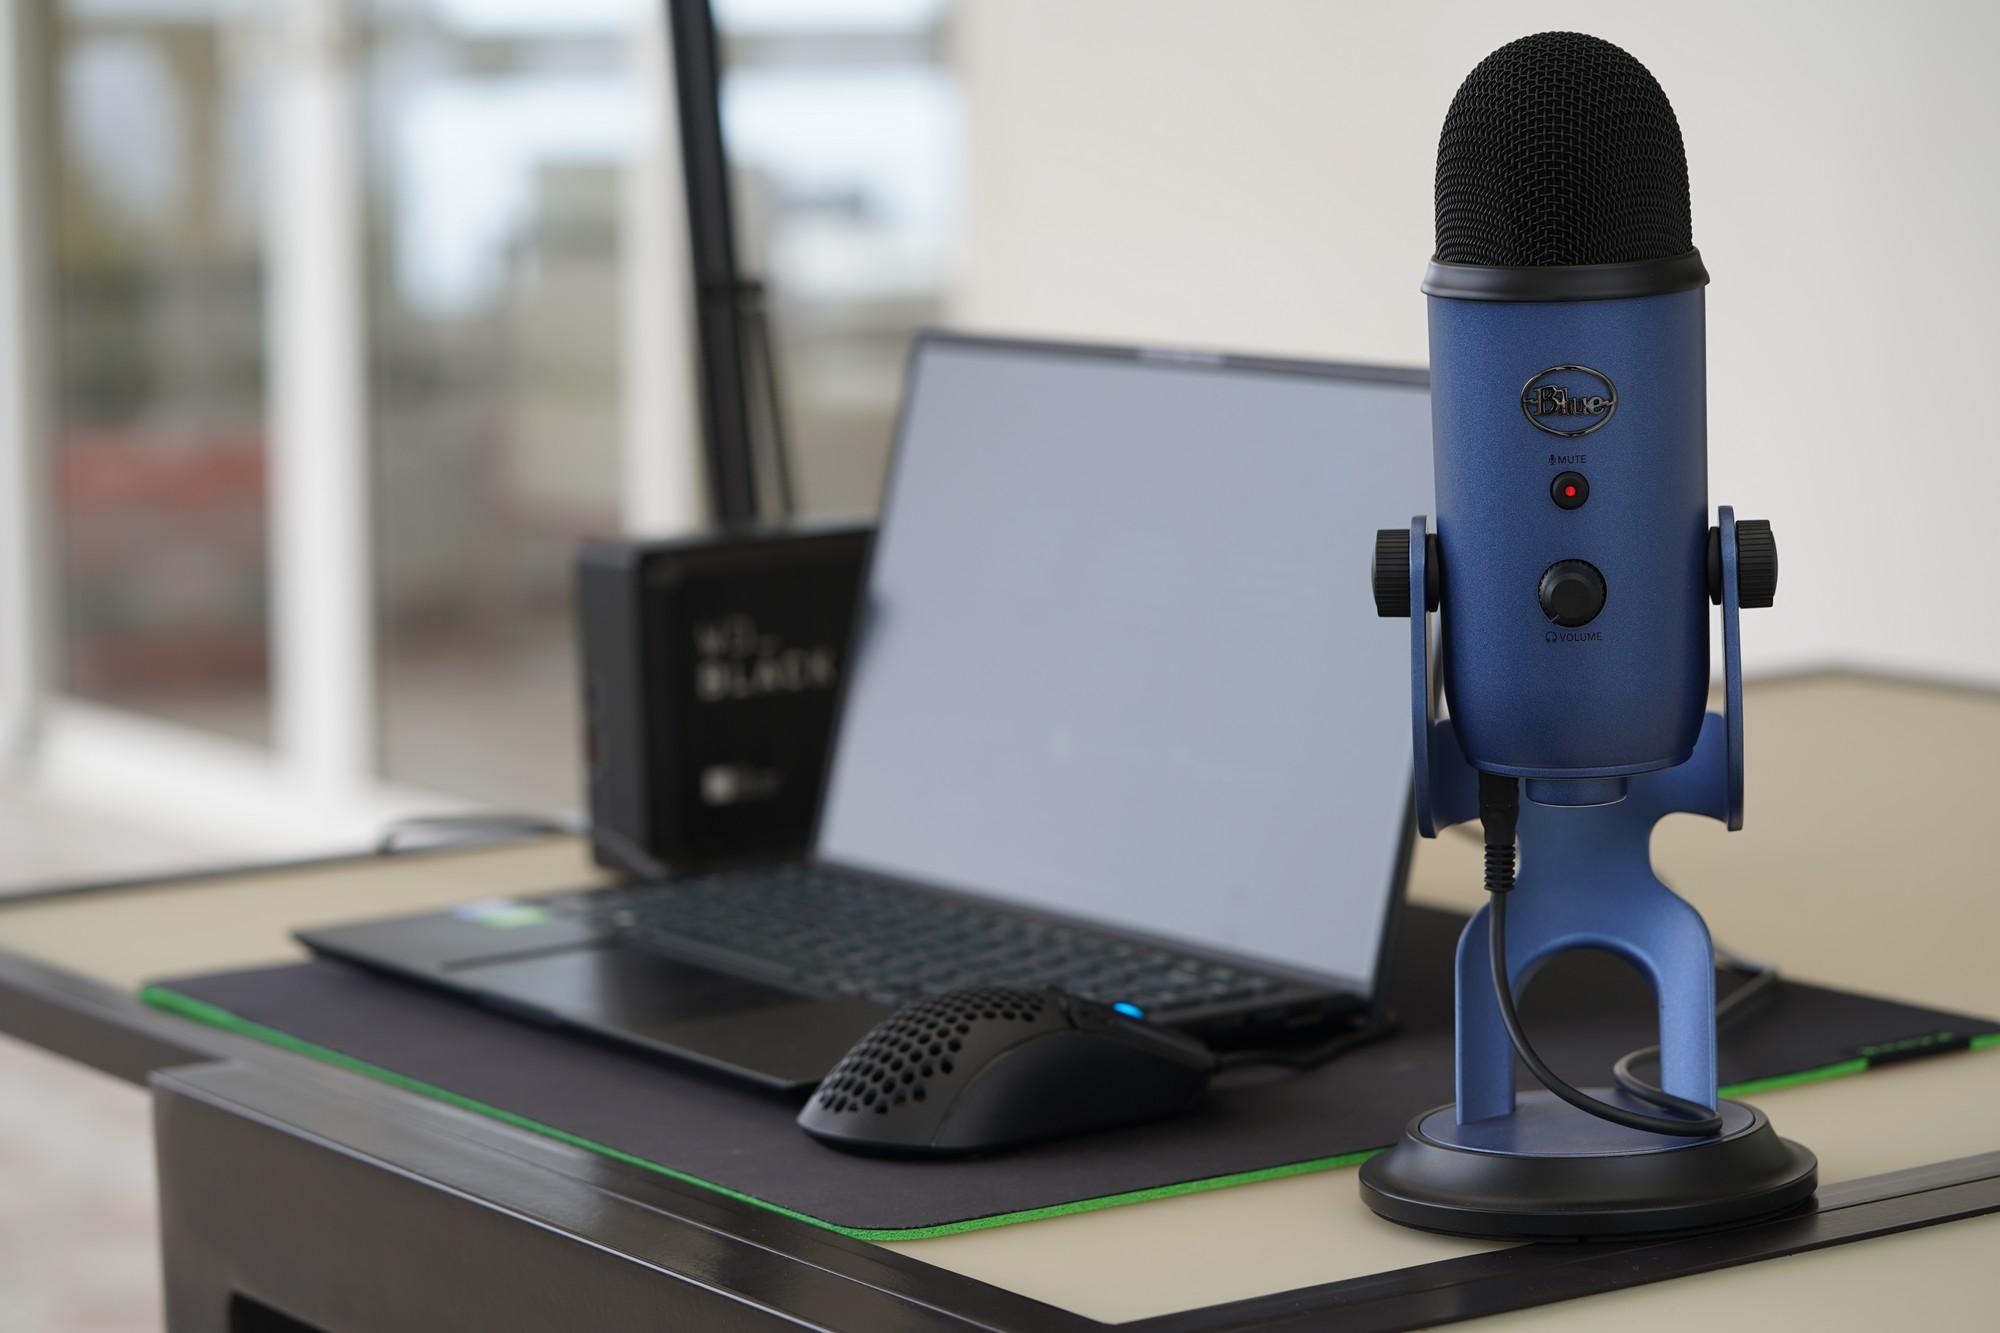 Wielkie porównanie pojemnościowych mikrofonów - Blue Yeti